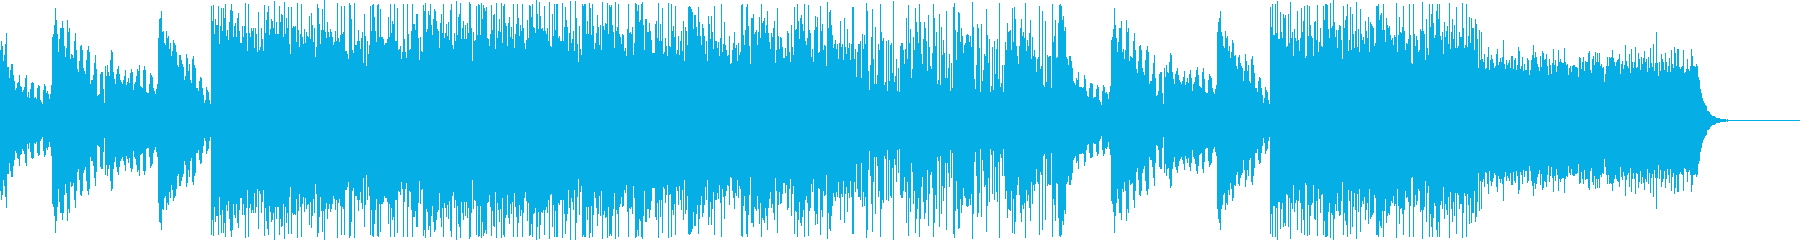 オーディオドラマ向けBGM/サスペンス6の再生済みの波形